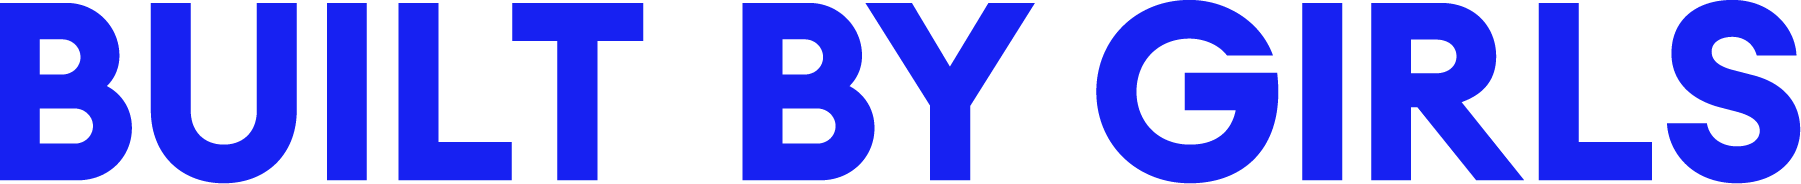 BuiltByGirls_Wordmark_Blue_Large.png